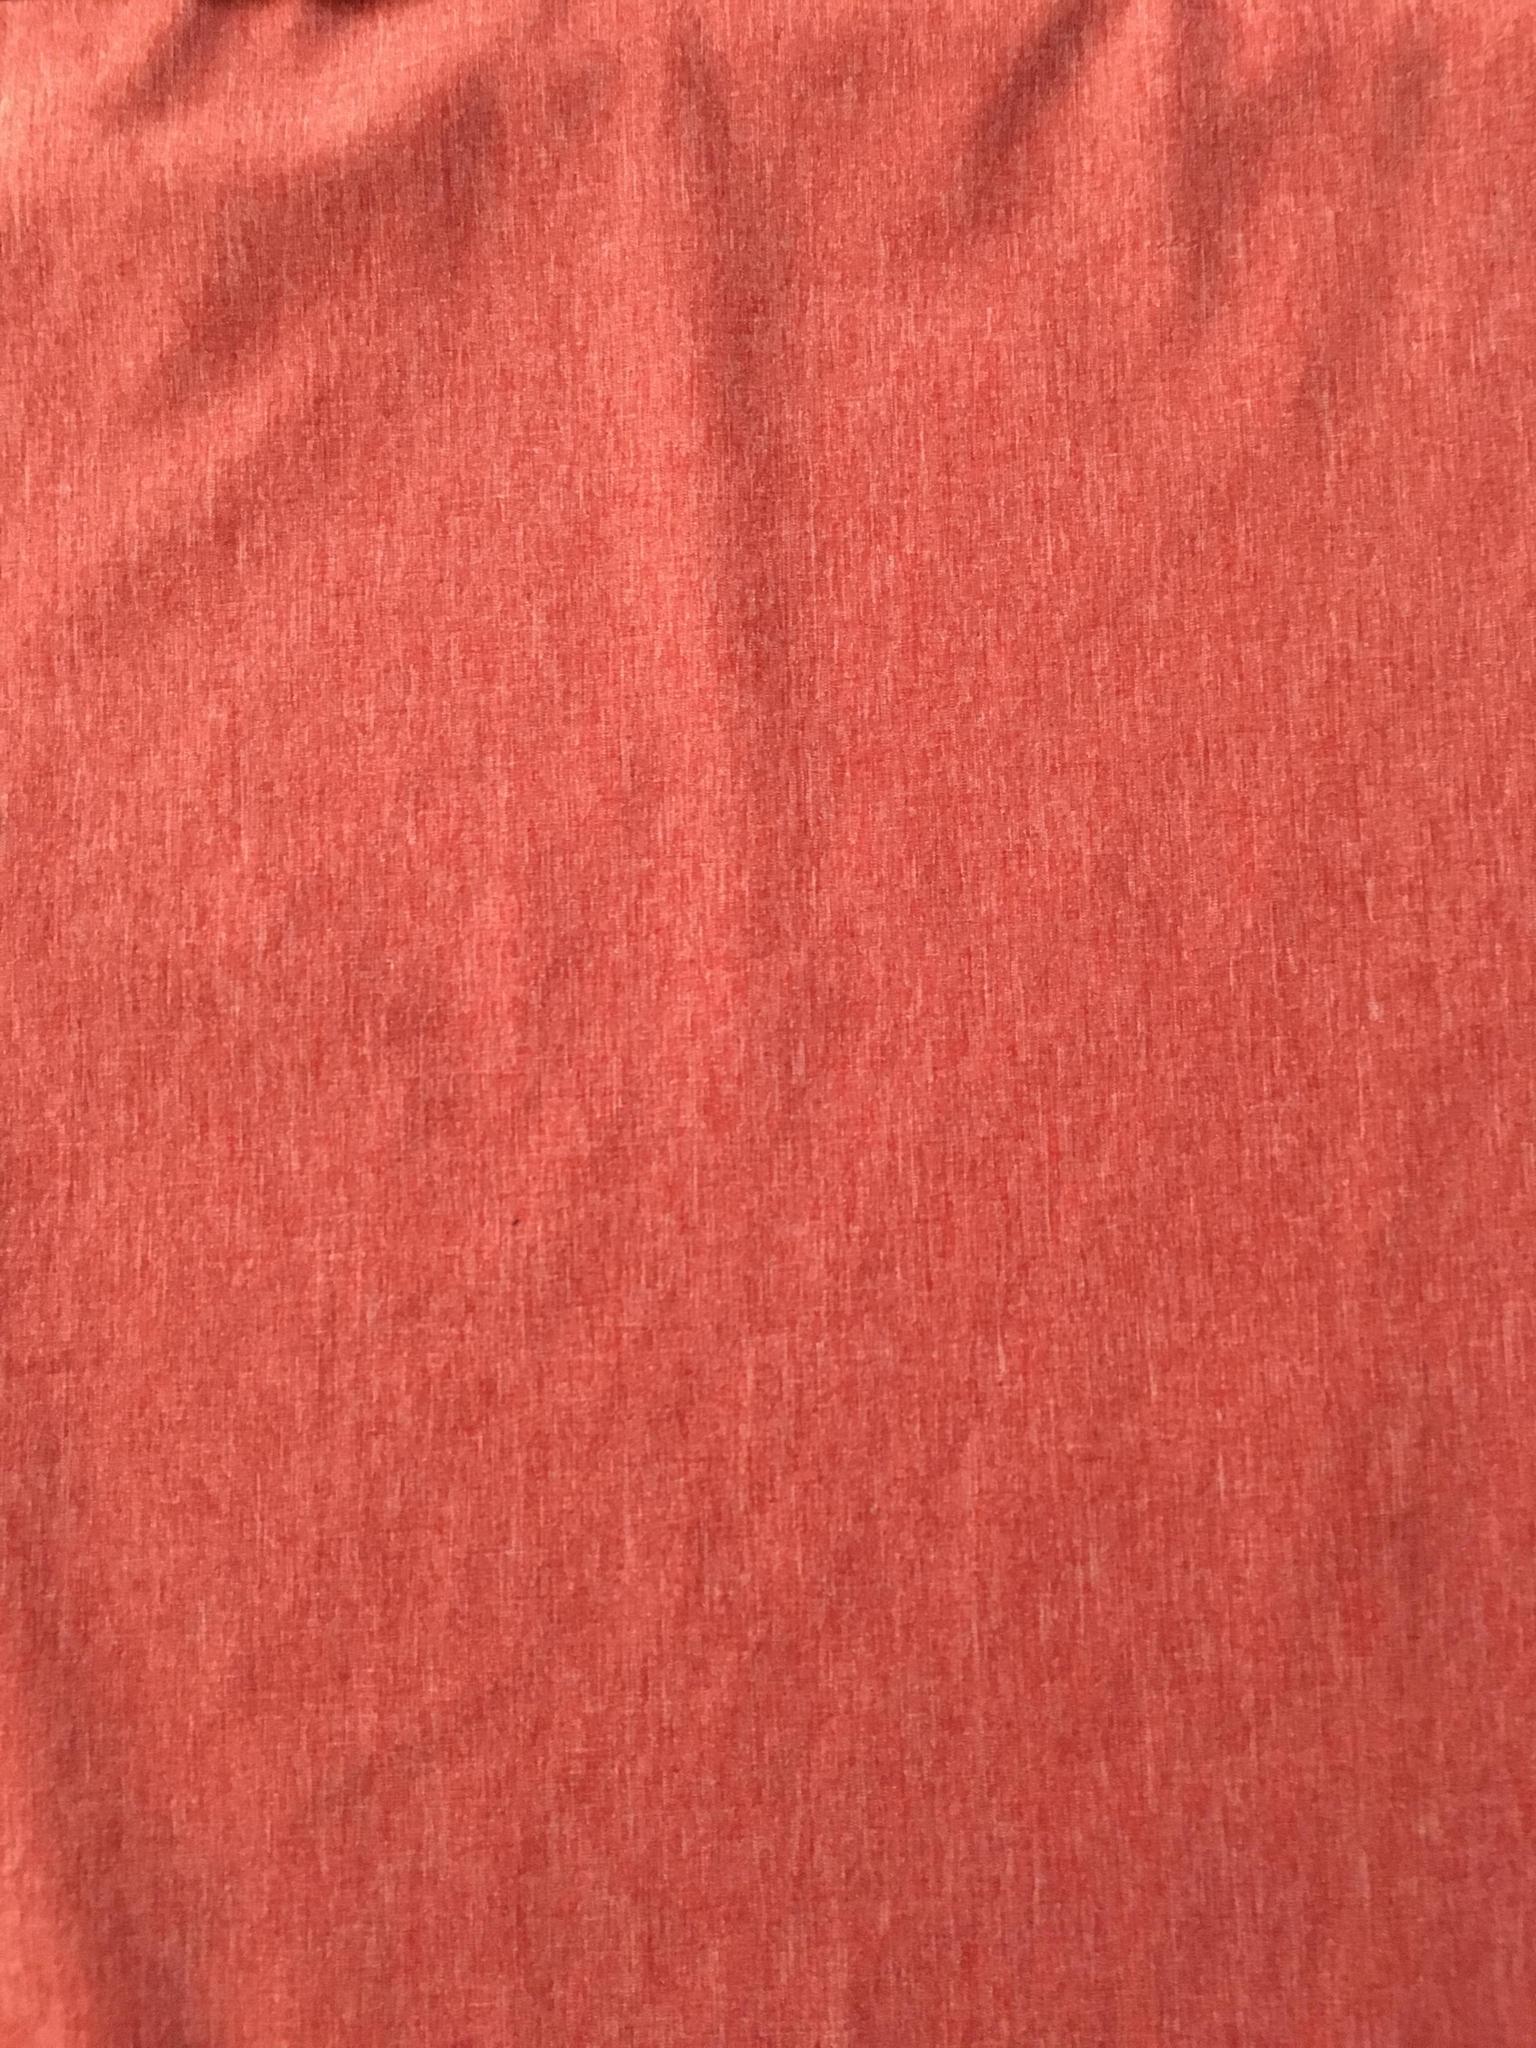 锦氨阳离子针织织物 1